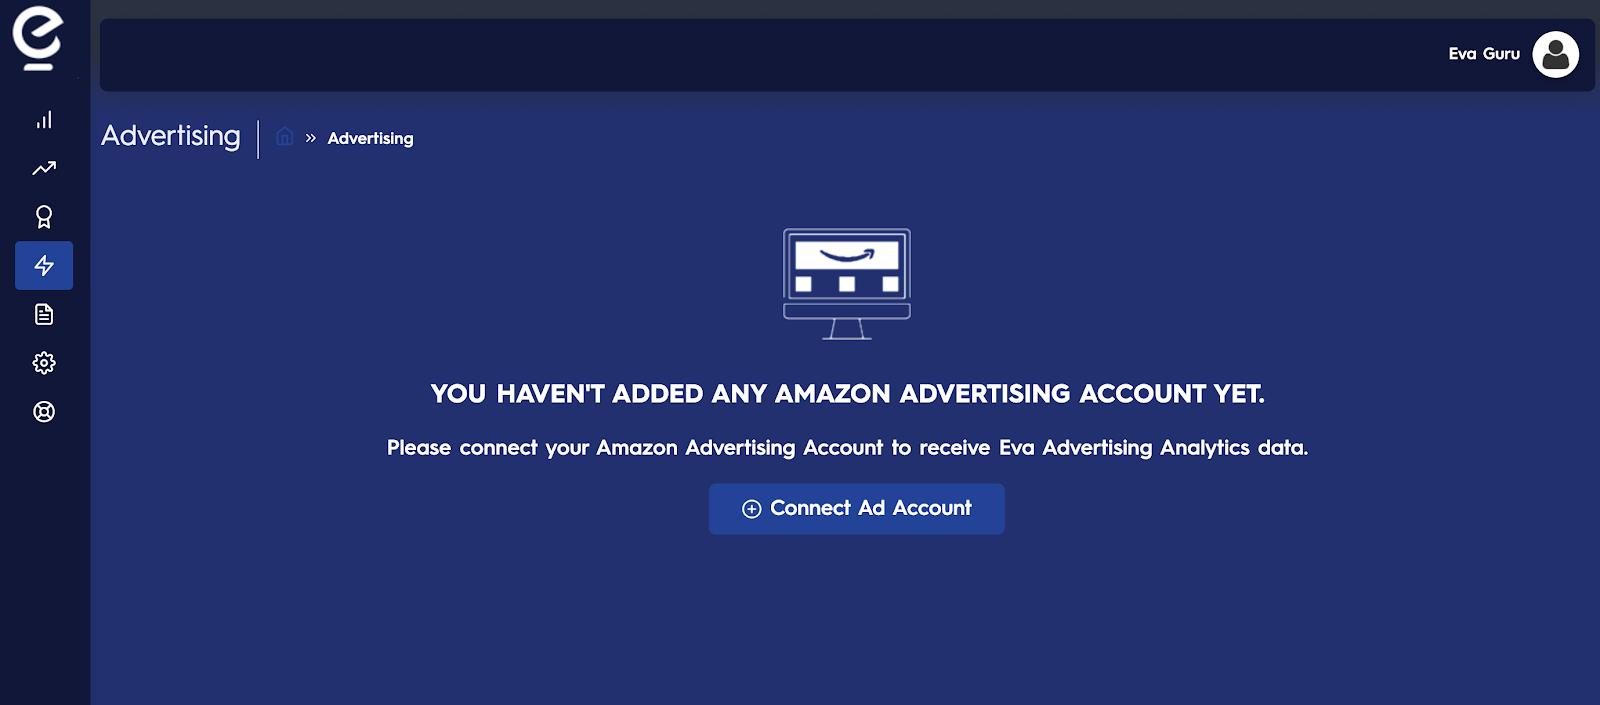 Connecting Amazon Advertising Account To Eva - Eva